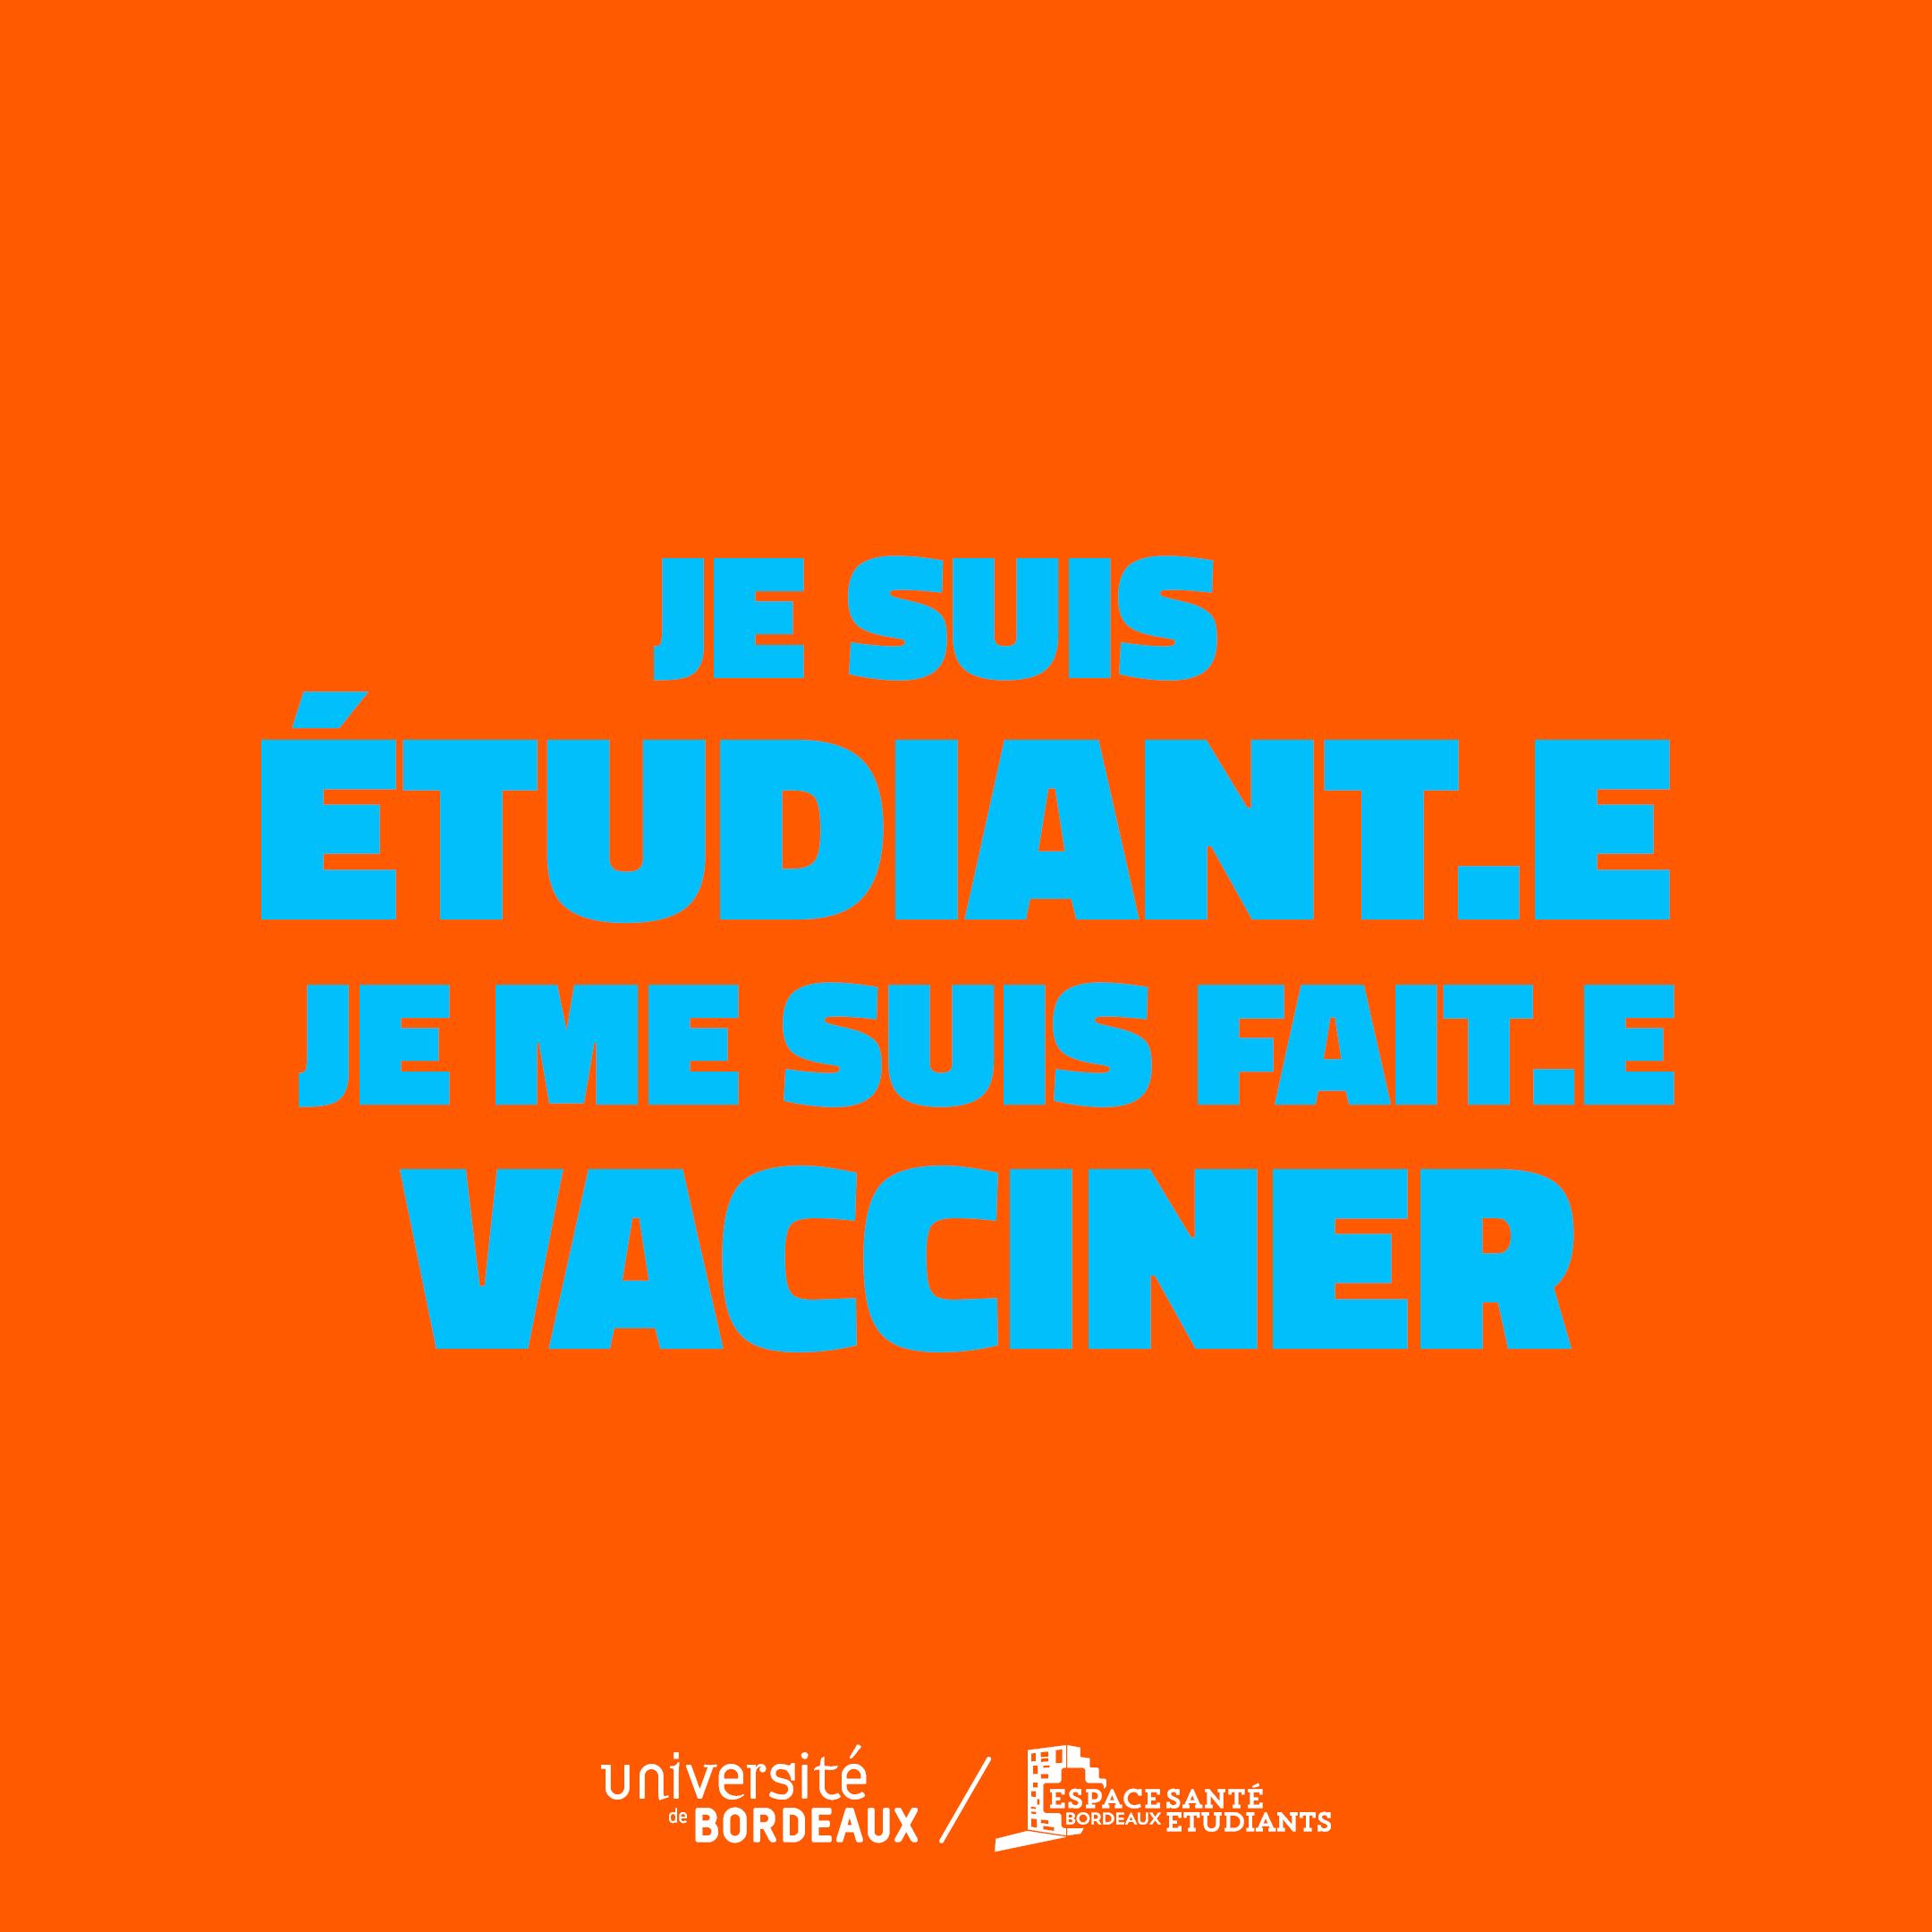 etudiant vaccination